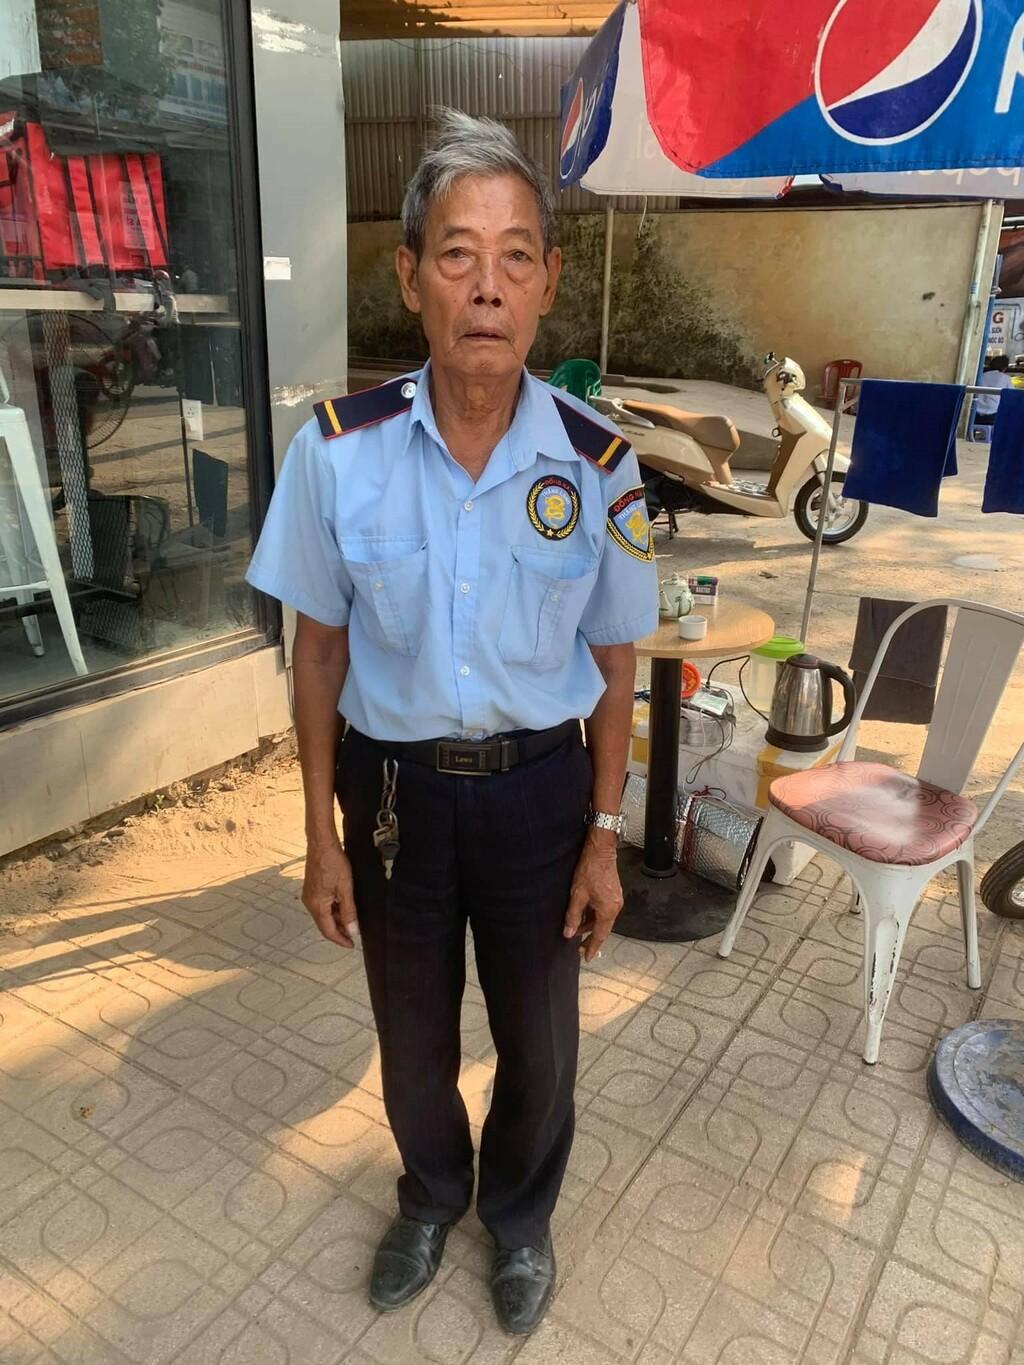 Lời kể của bác bảo vệ 86 tuổi khi phát hiện kẻ trộm bẻ khóa lấy xe máy mà không đủ tiền đền bù cho chủ xe